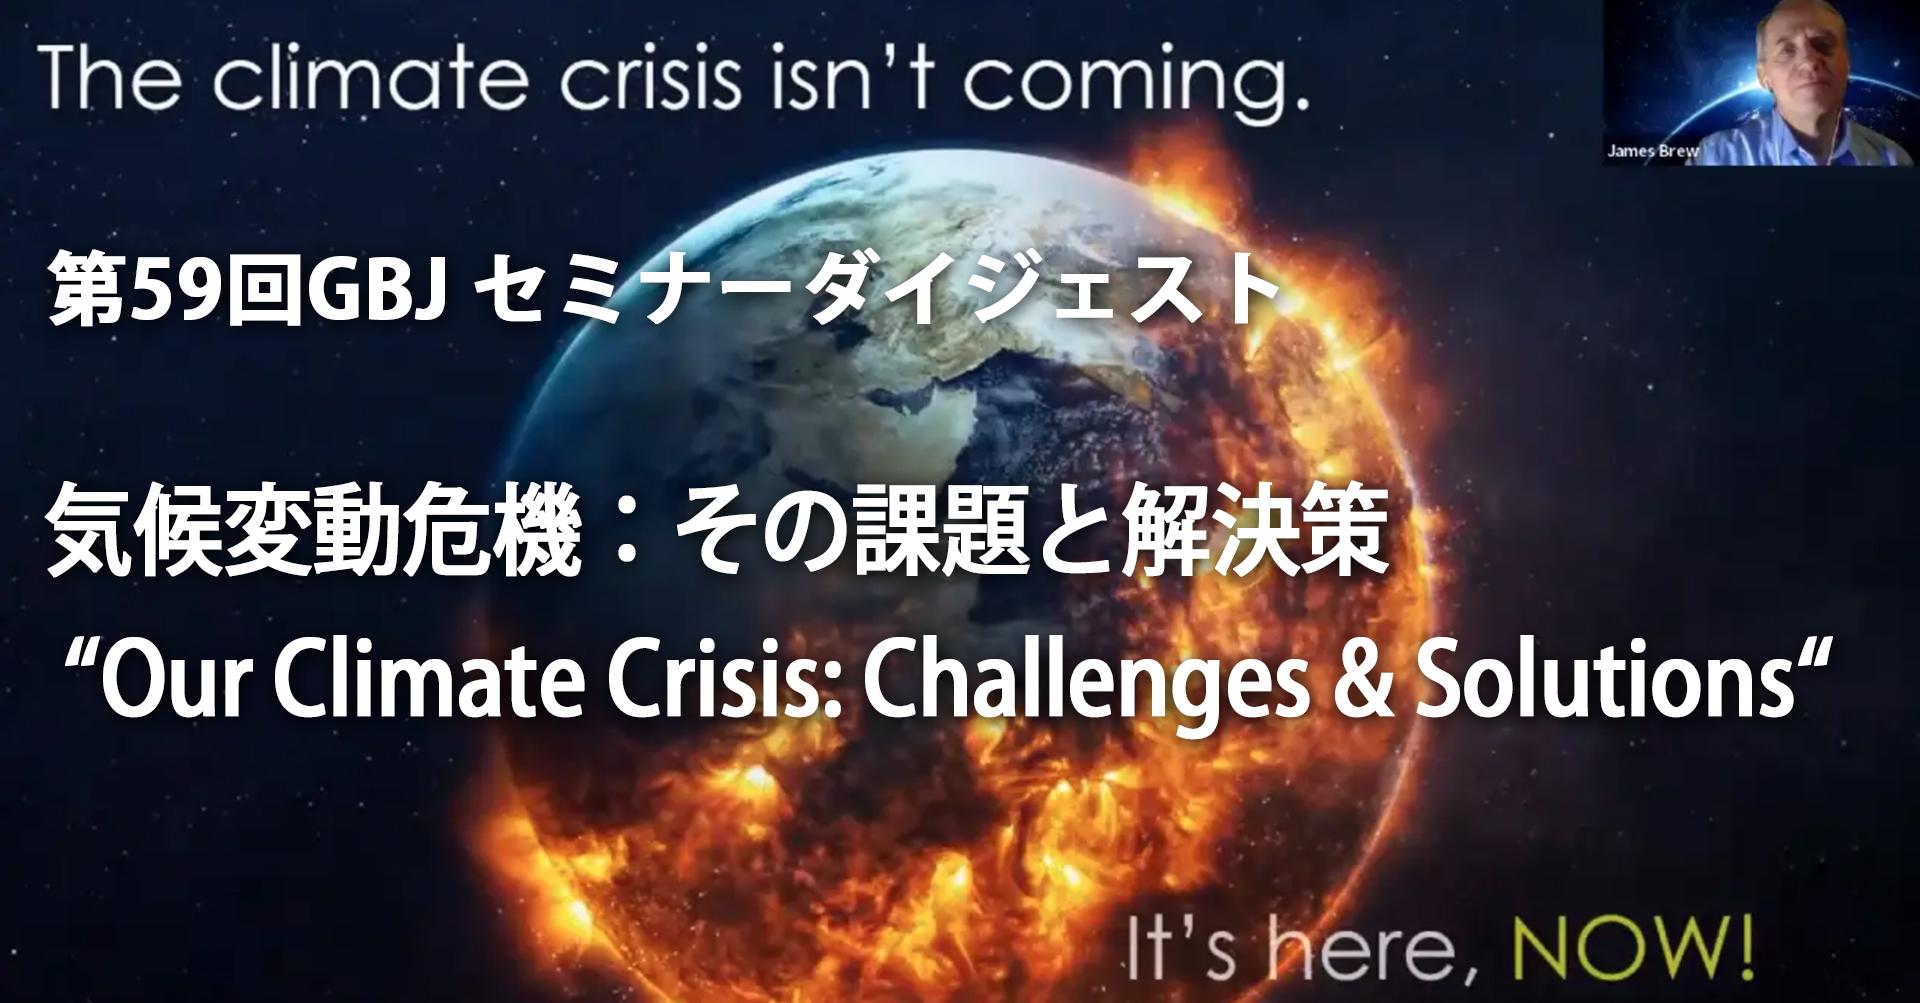 """第59回GBJセミナー[ダイジェストビデオ] 気候変動危機:その課題と解決策 """"Our Climate Crisis: Challenges & Solutions"""""""